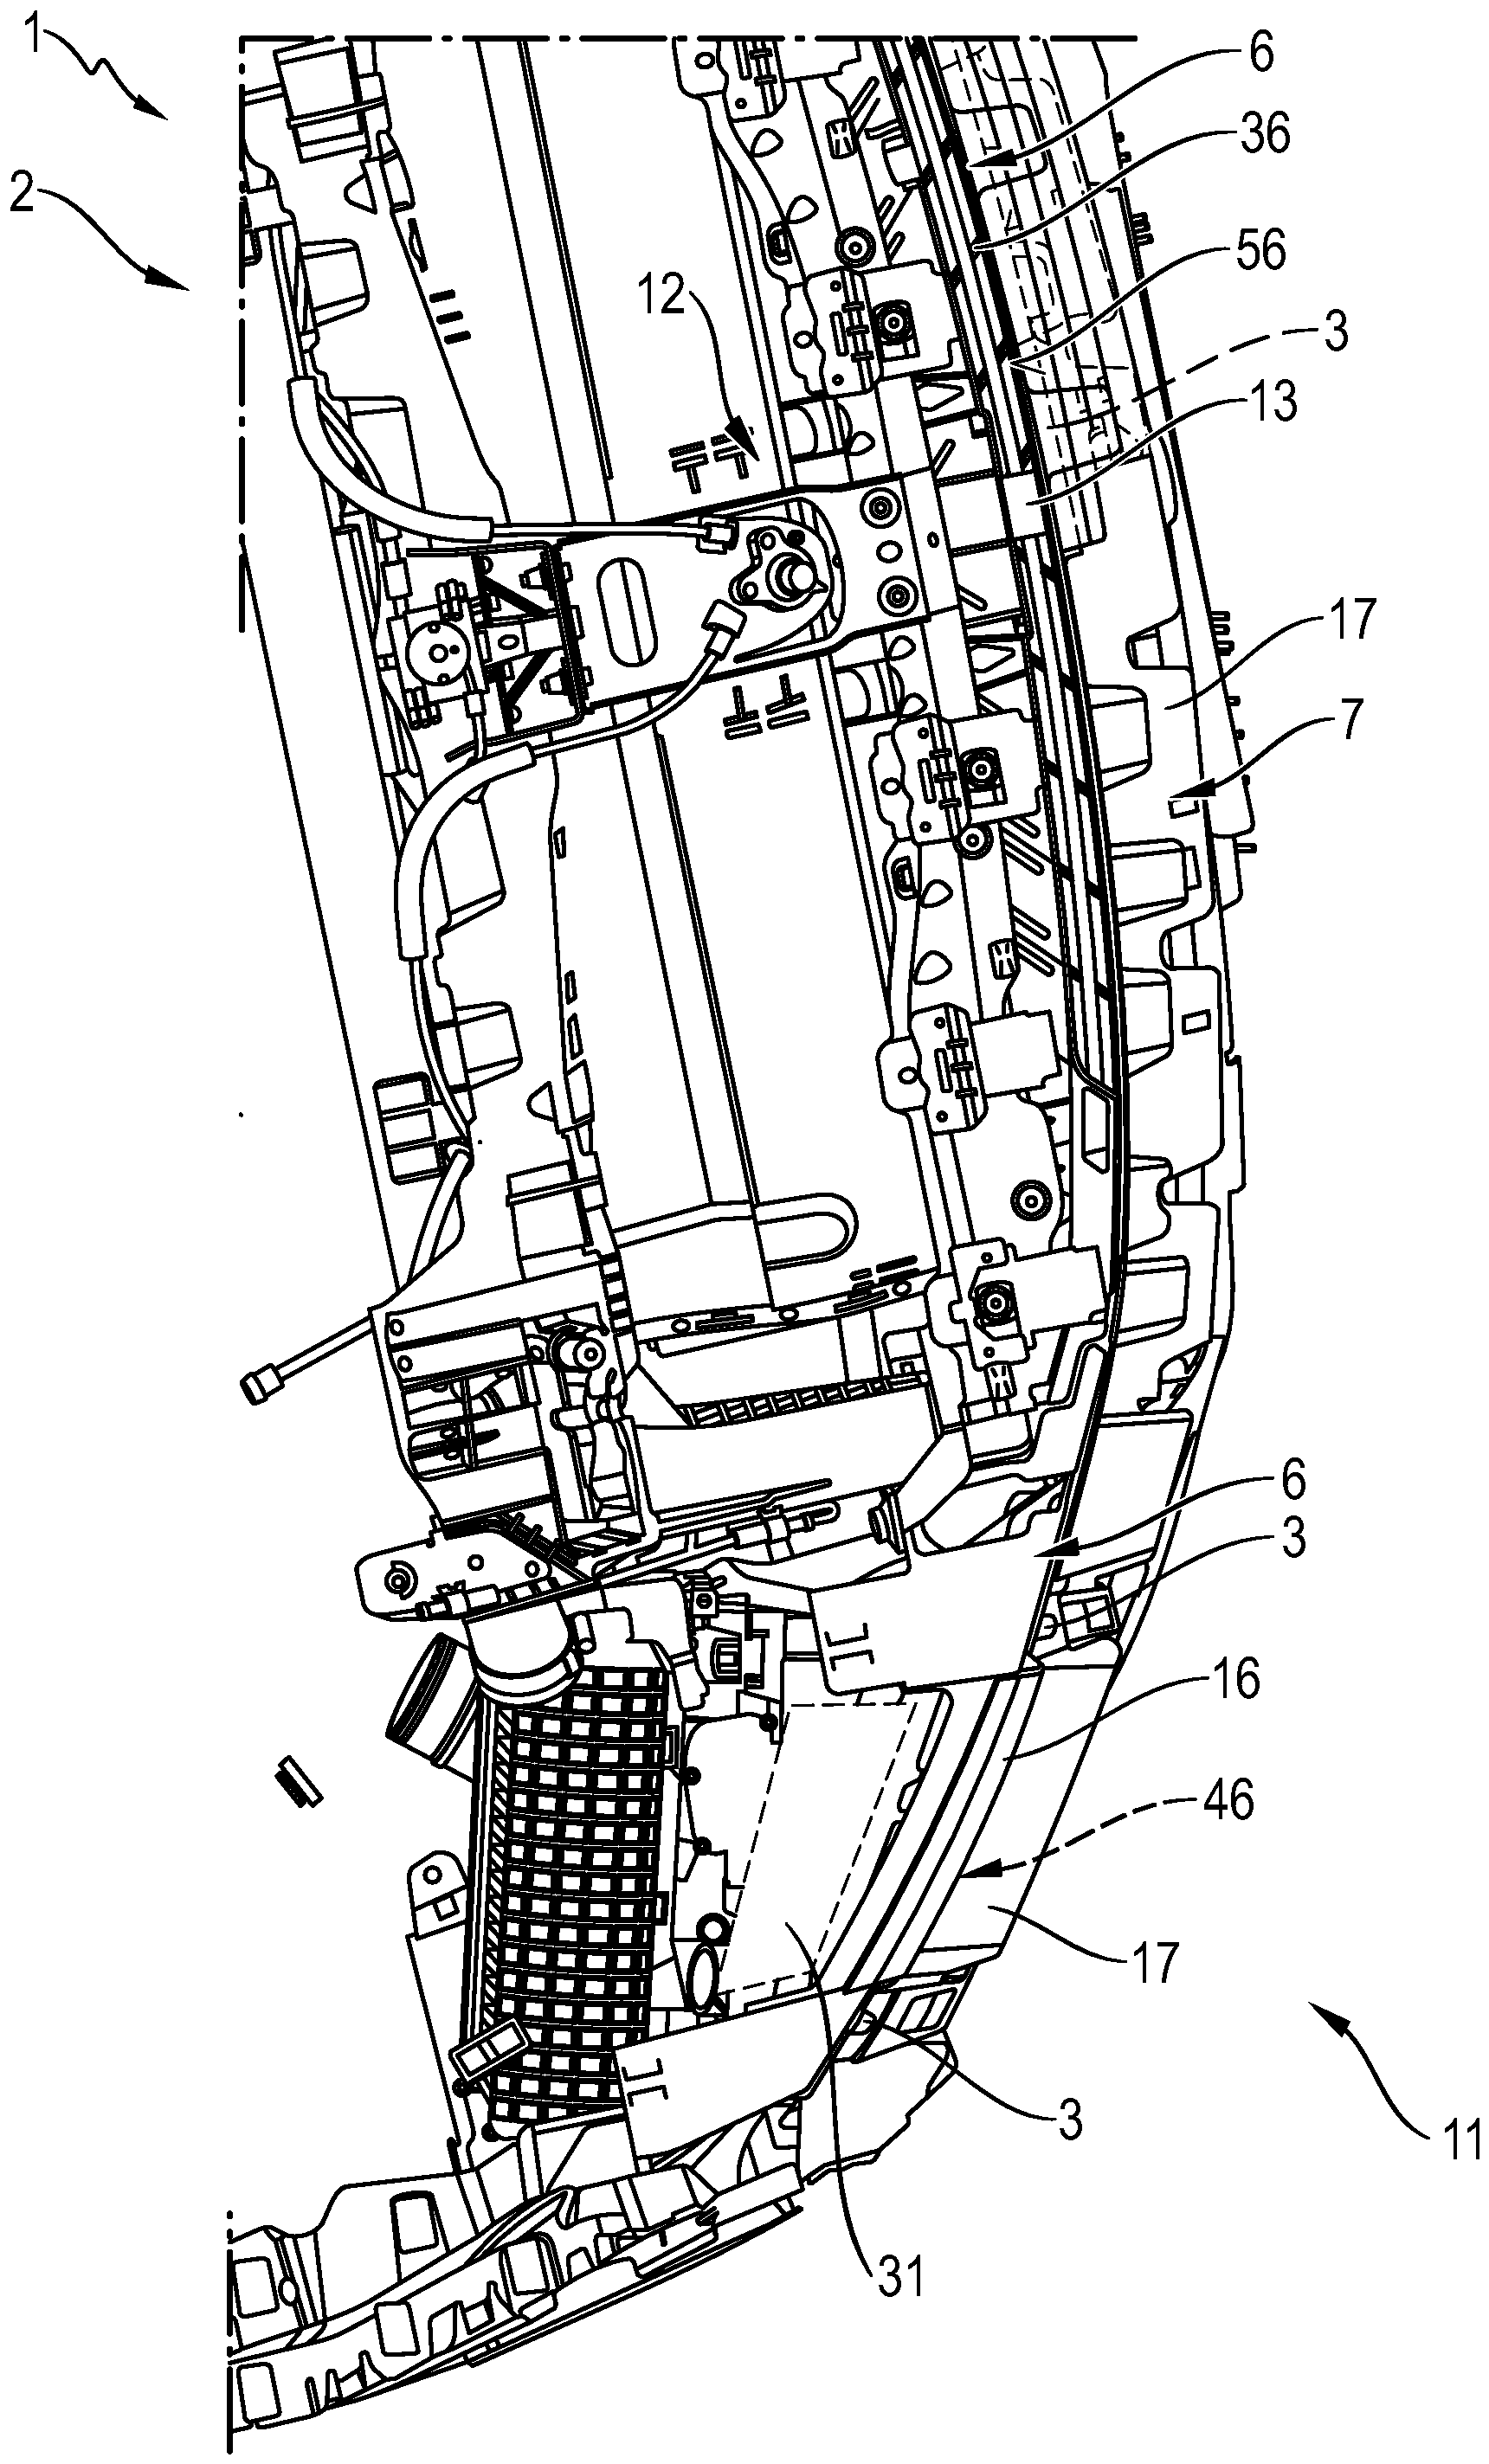 Figure DE102016122288A1_0000